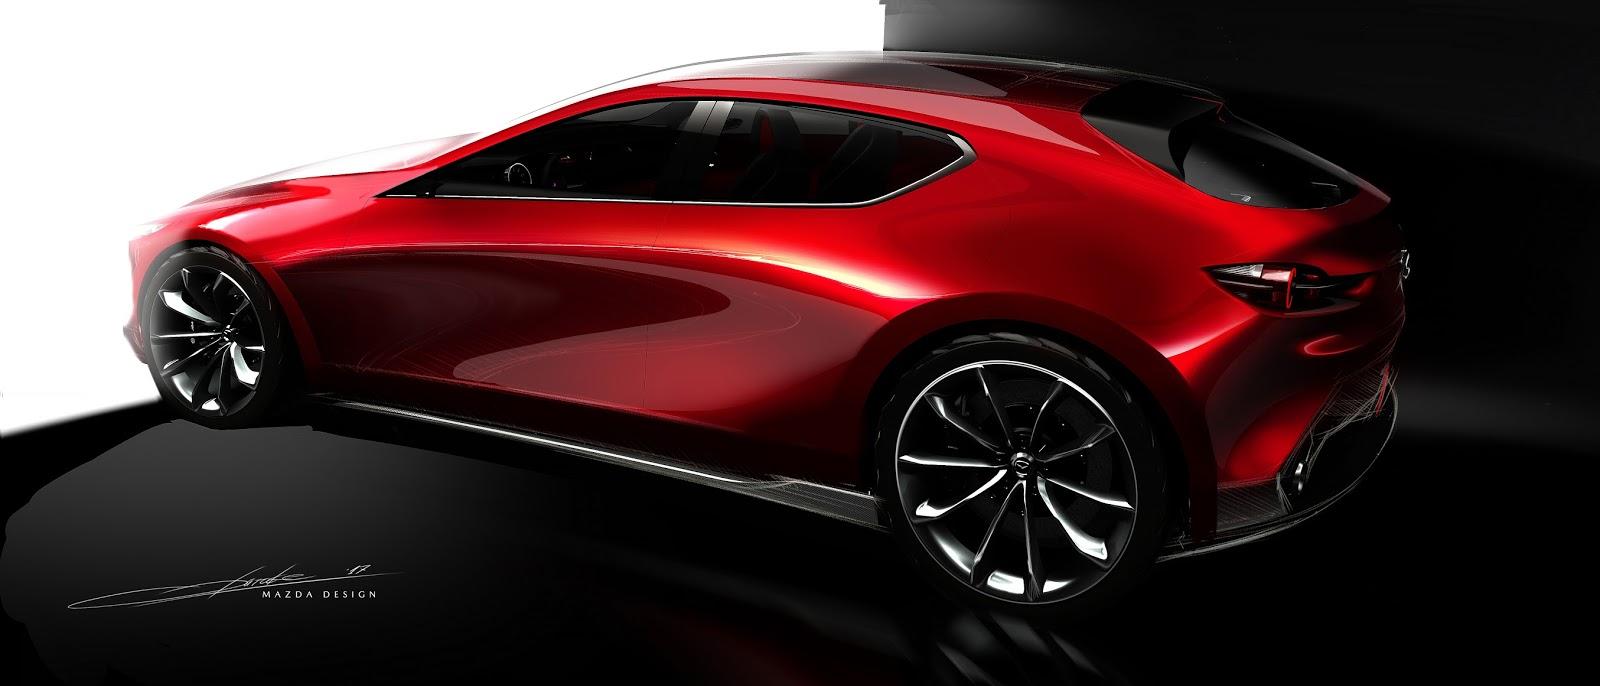 Mazda_Kai_Concept tokyo 2017 (24)